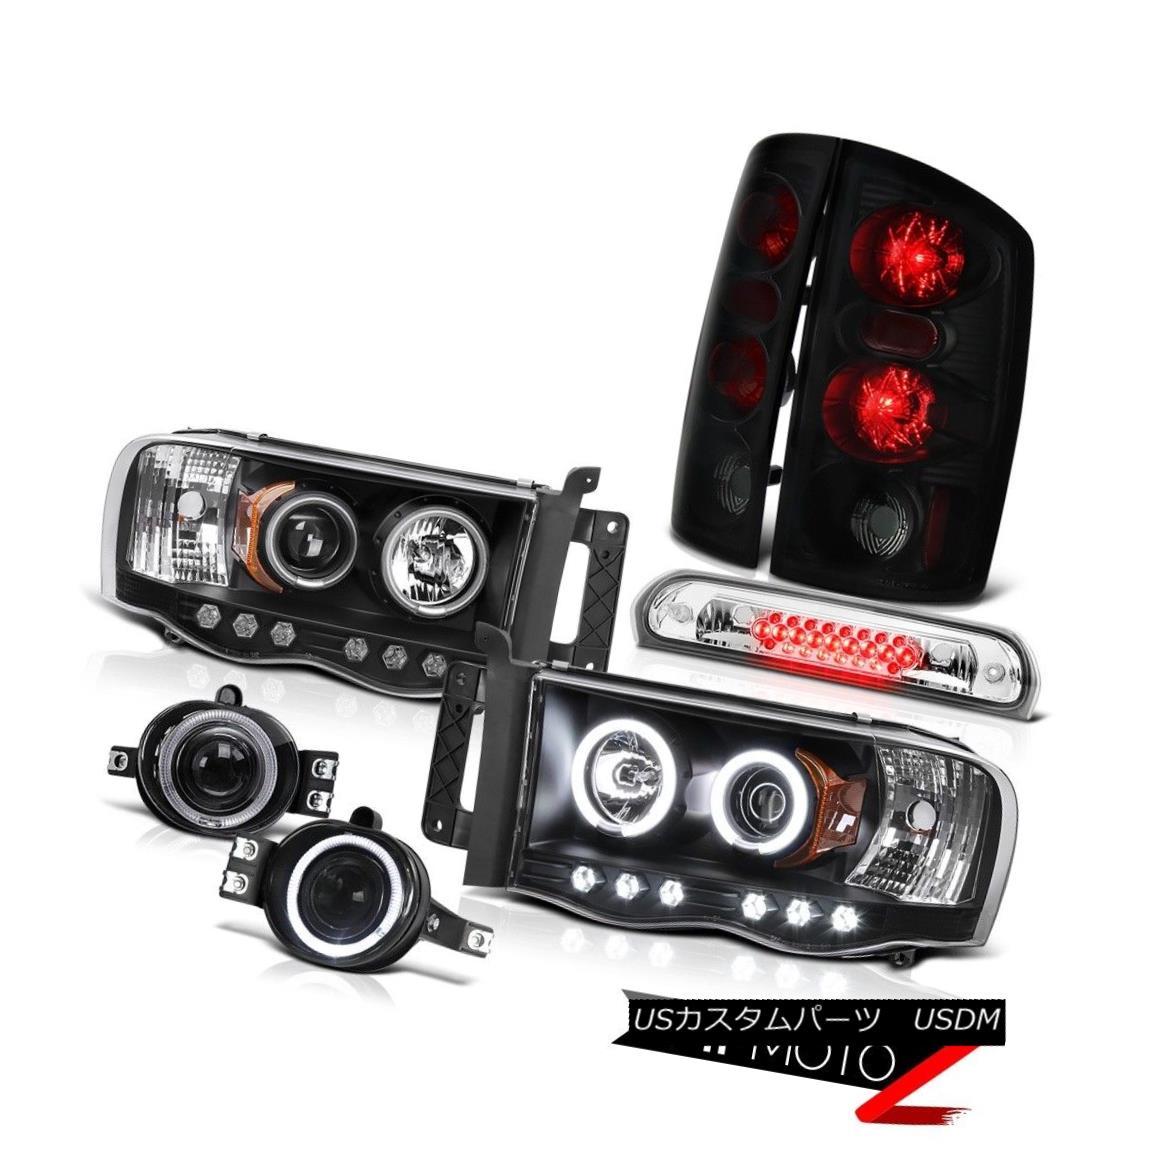 テールライト 2002-2005 Ram Magnum V8 Projector CCFL Sinister Black Brake Light Fog Third LED 2002-2005 Ram Magnum V8プロジェクターCCFL Sinisterブラックブレーキライトフォグ第3 LED